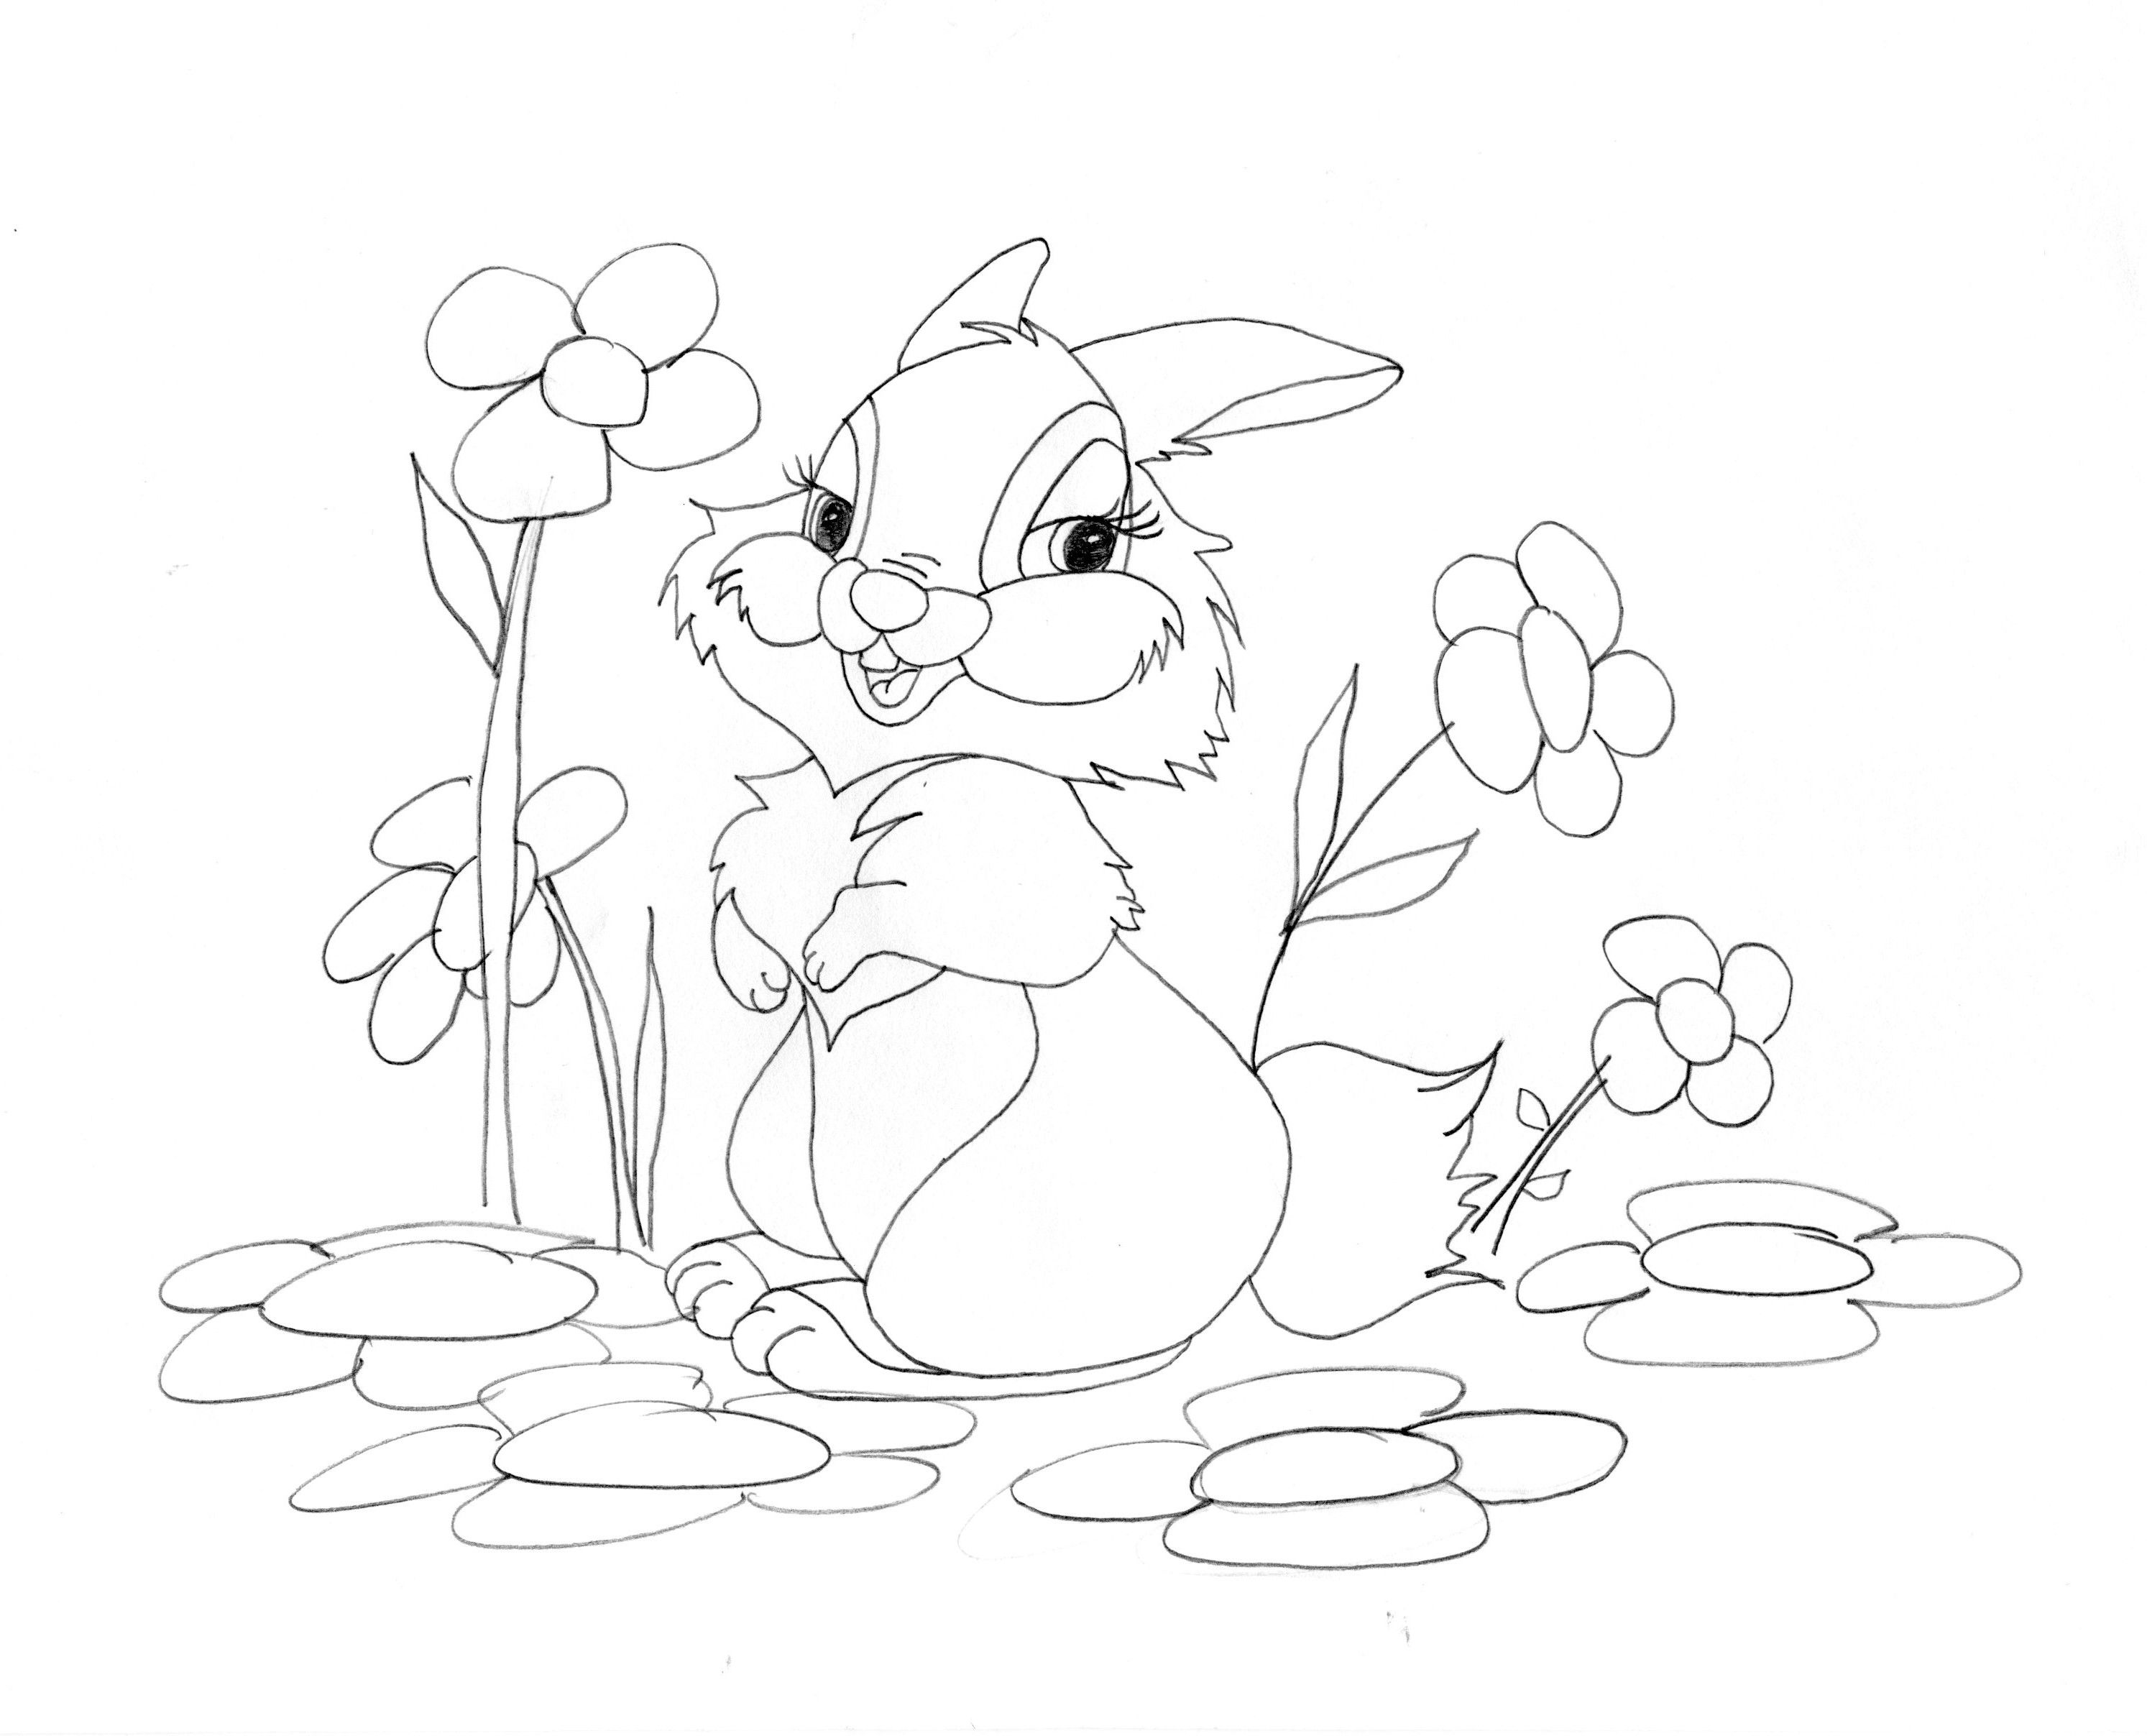 Dibujos De Bambi Para Colorear. Affordable Dibujo De Para